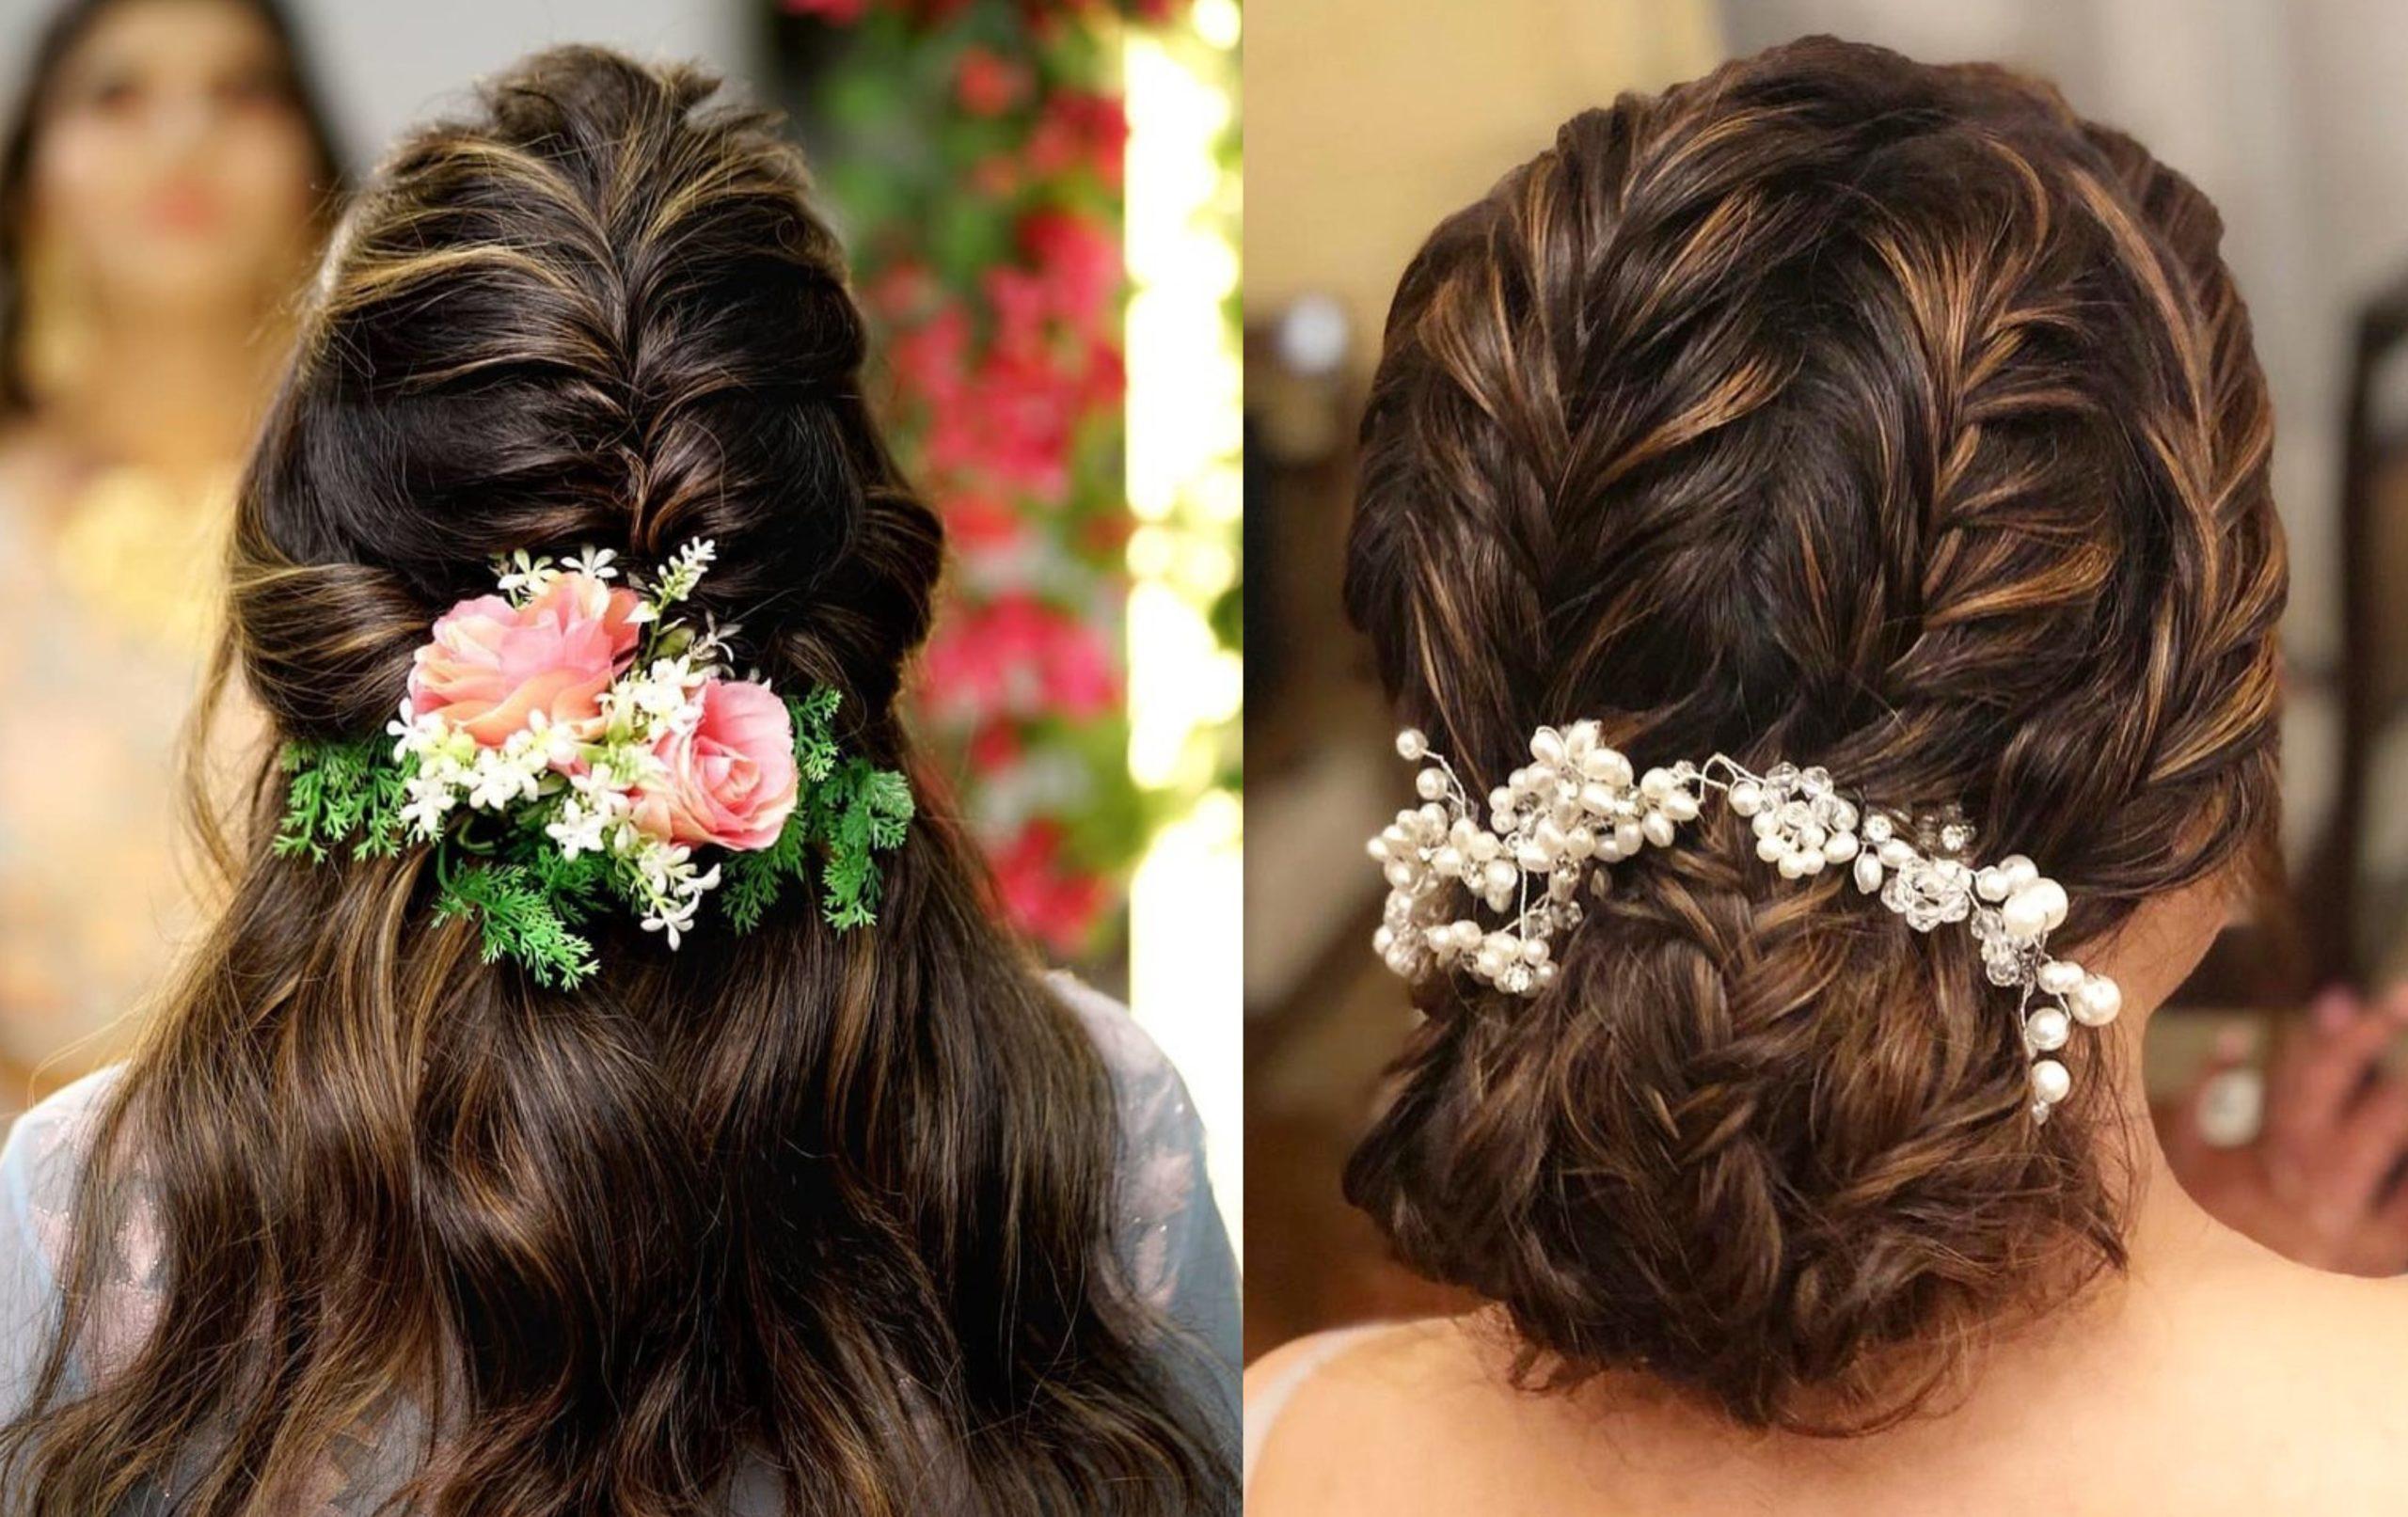 Coiffures de mariage pour cheveux longs: choisissez des accessoires de fleurs.